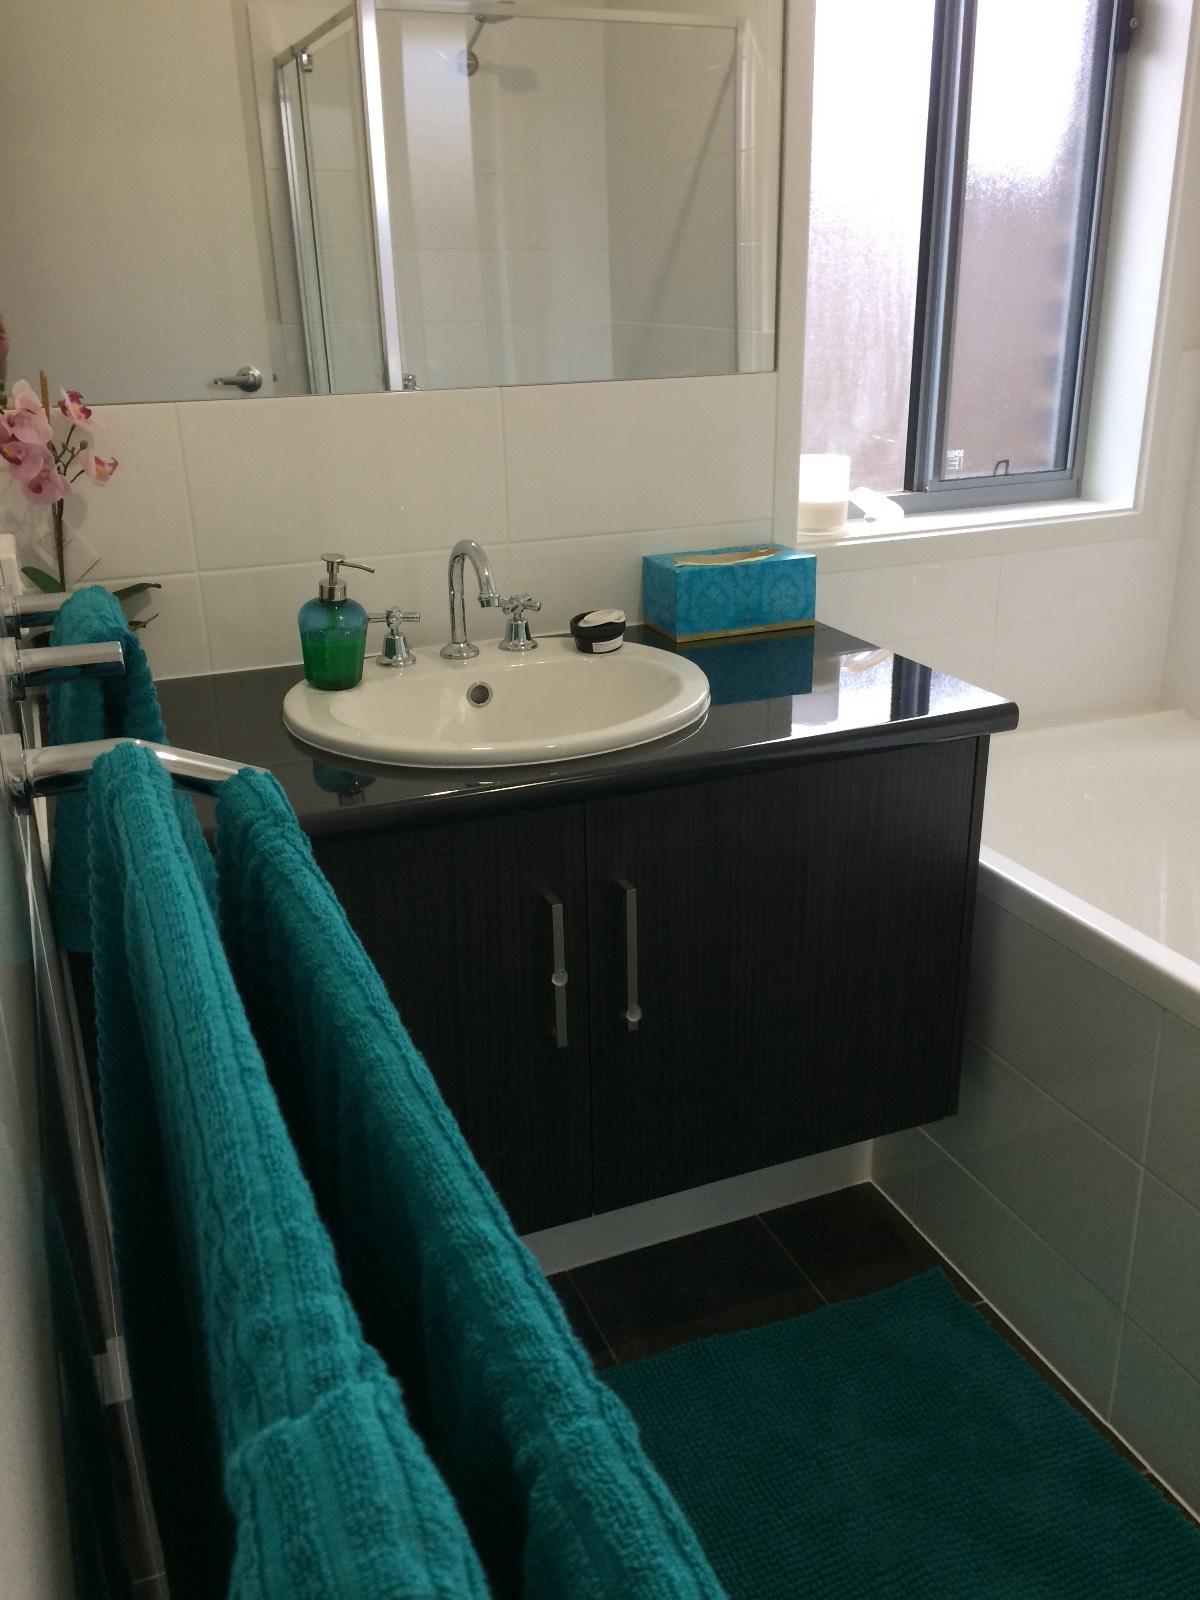 First home build SA Hickinbotham- keys 26/2